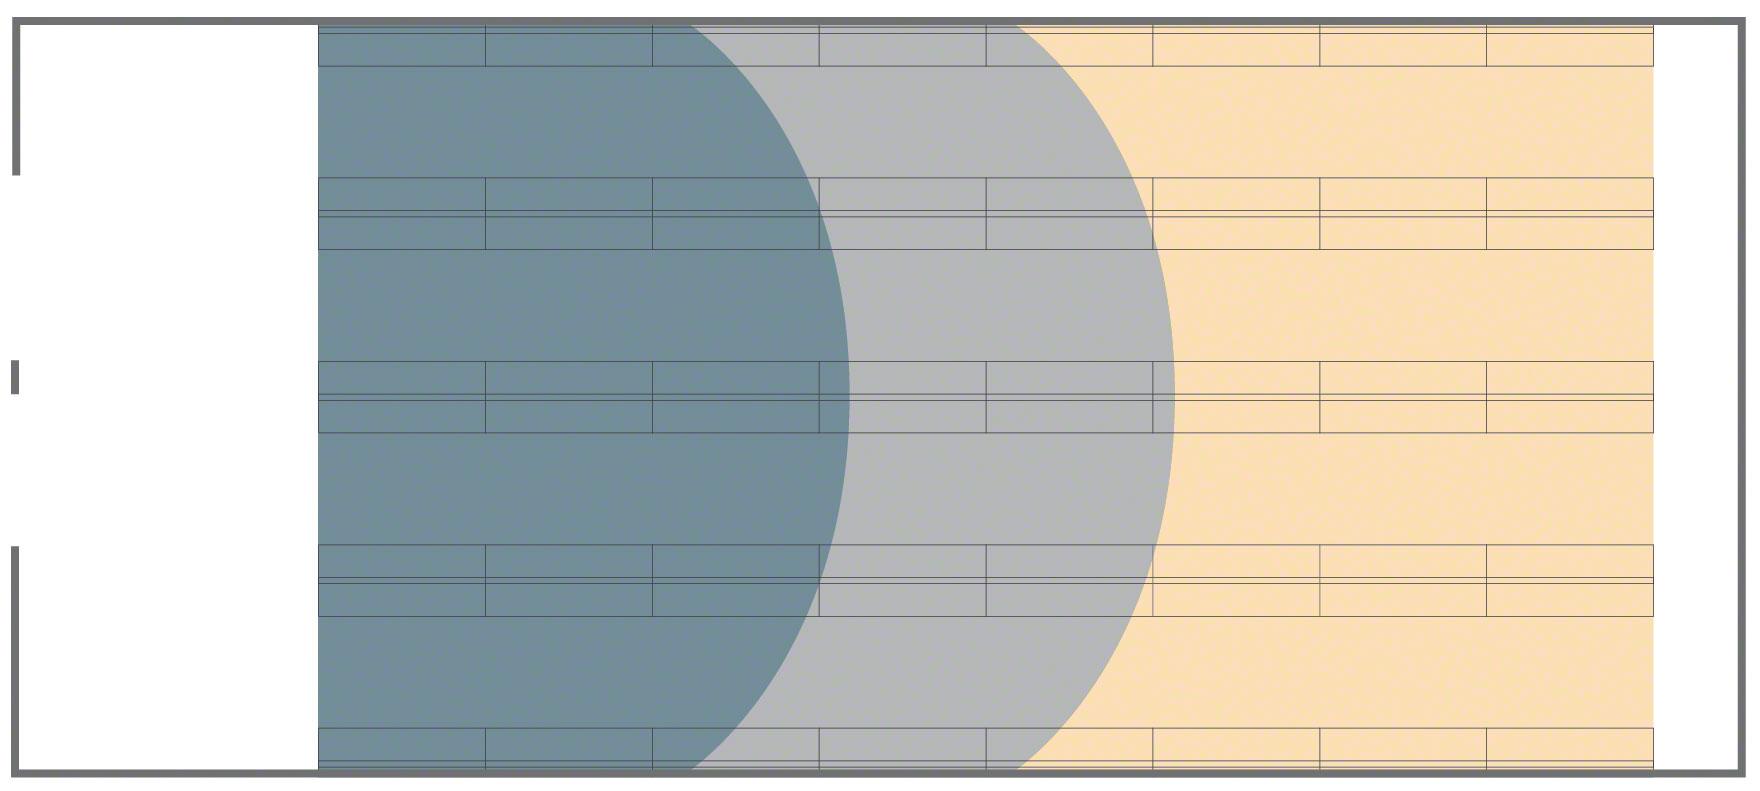 Distribución de productos a lo largo de la bodega en función de su rotación.